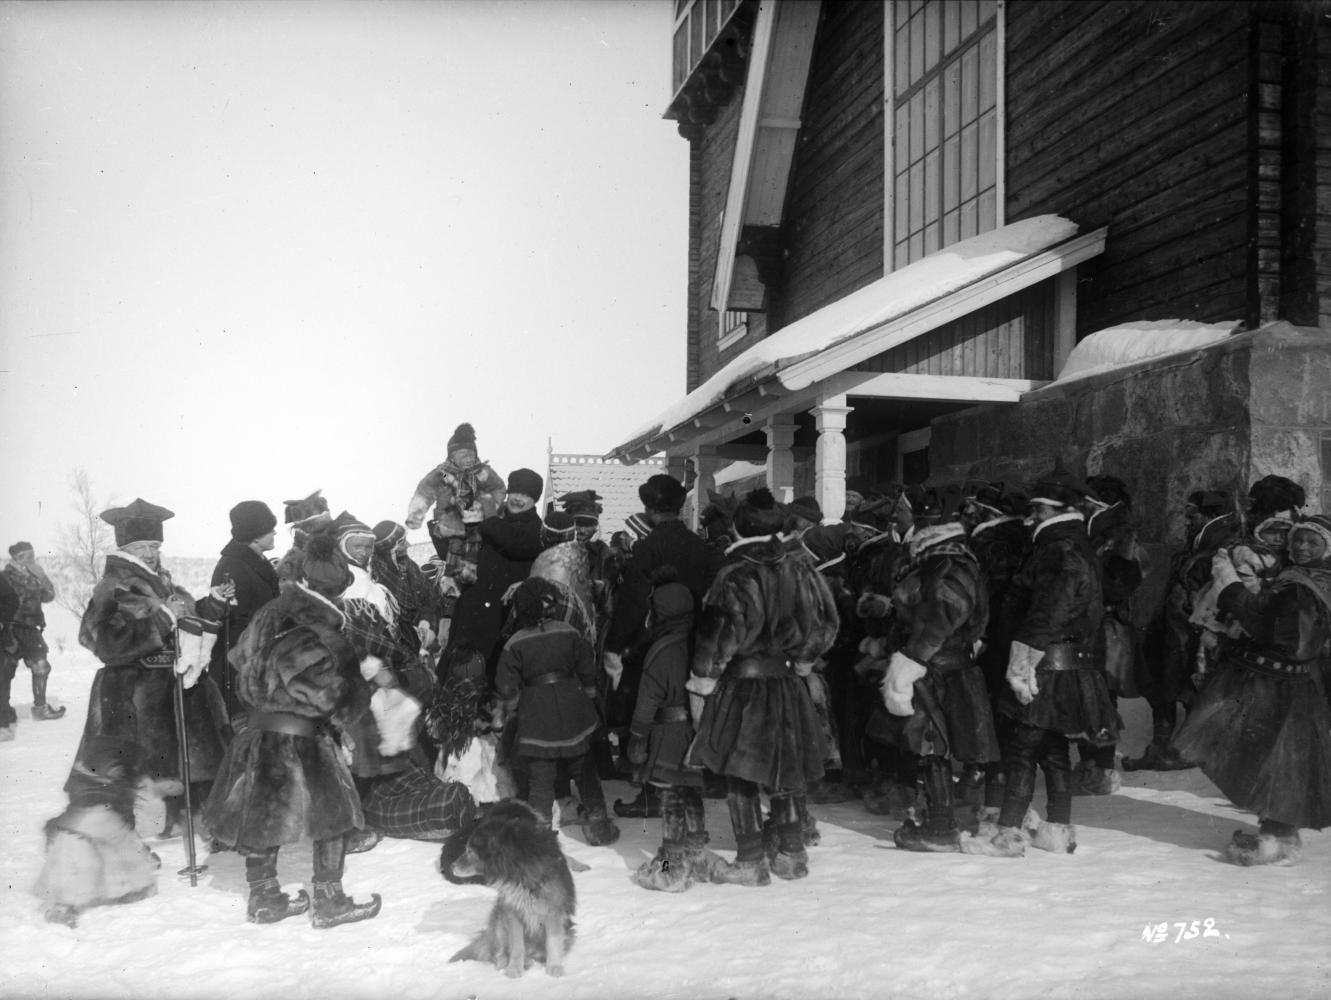 Landshövding Sydow bland samer utanför Karesuando kyrka den 23 mars 1913.